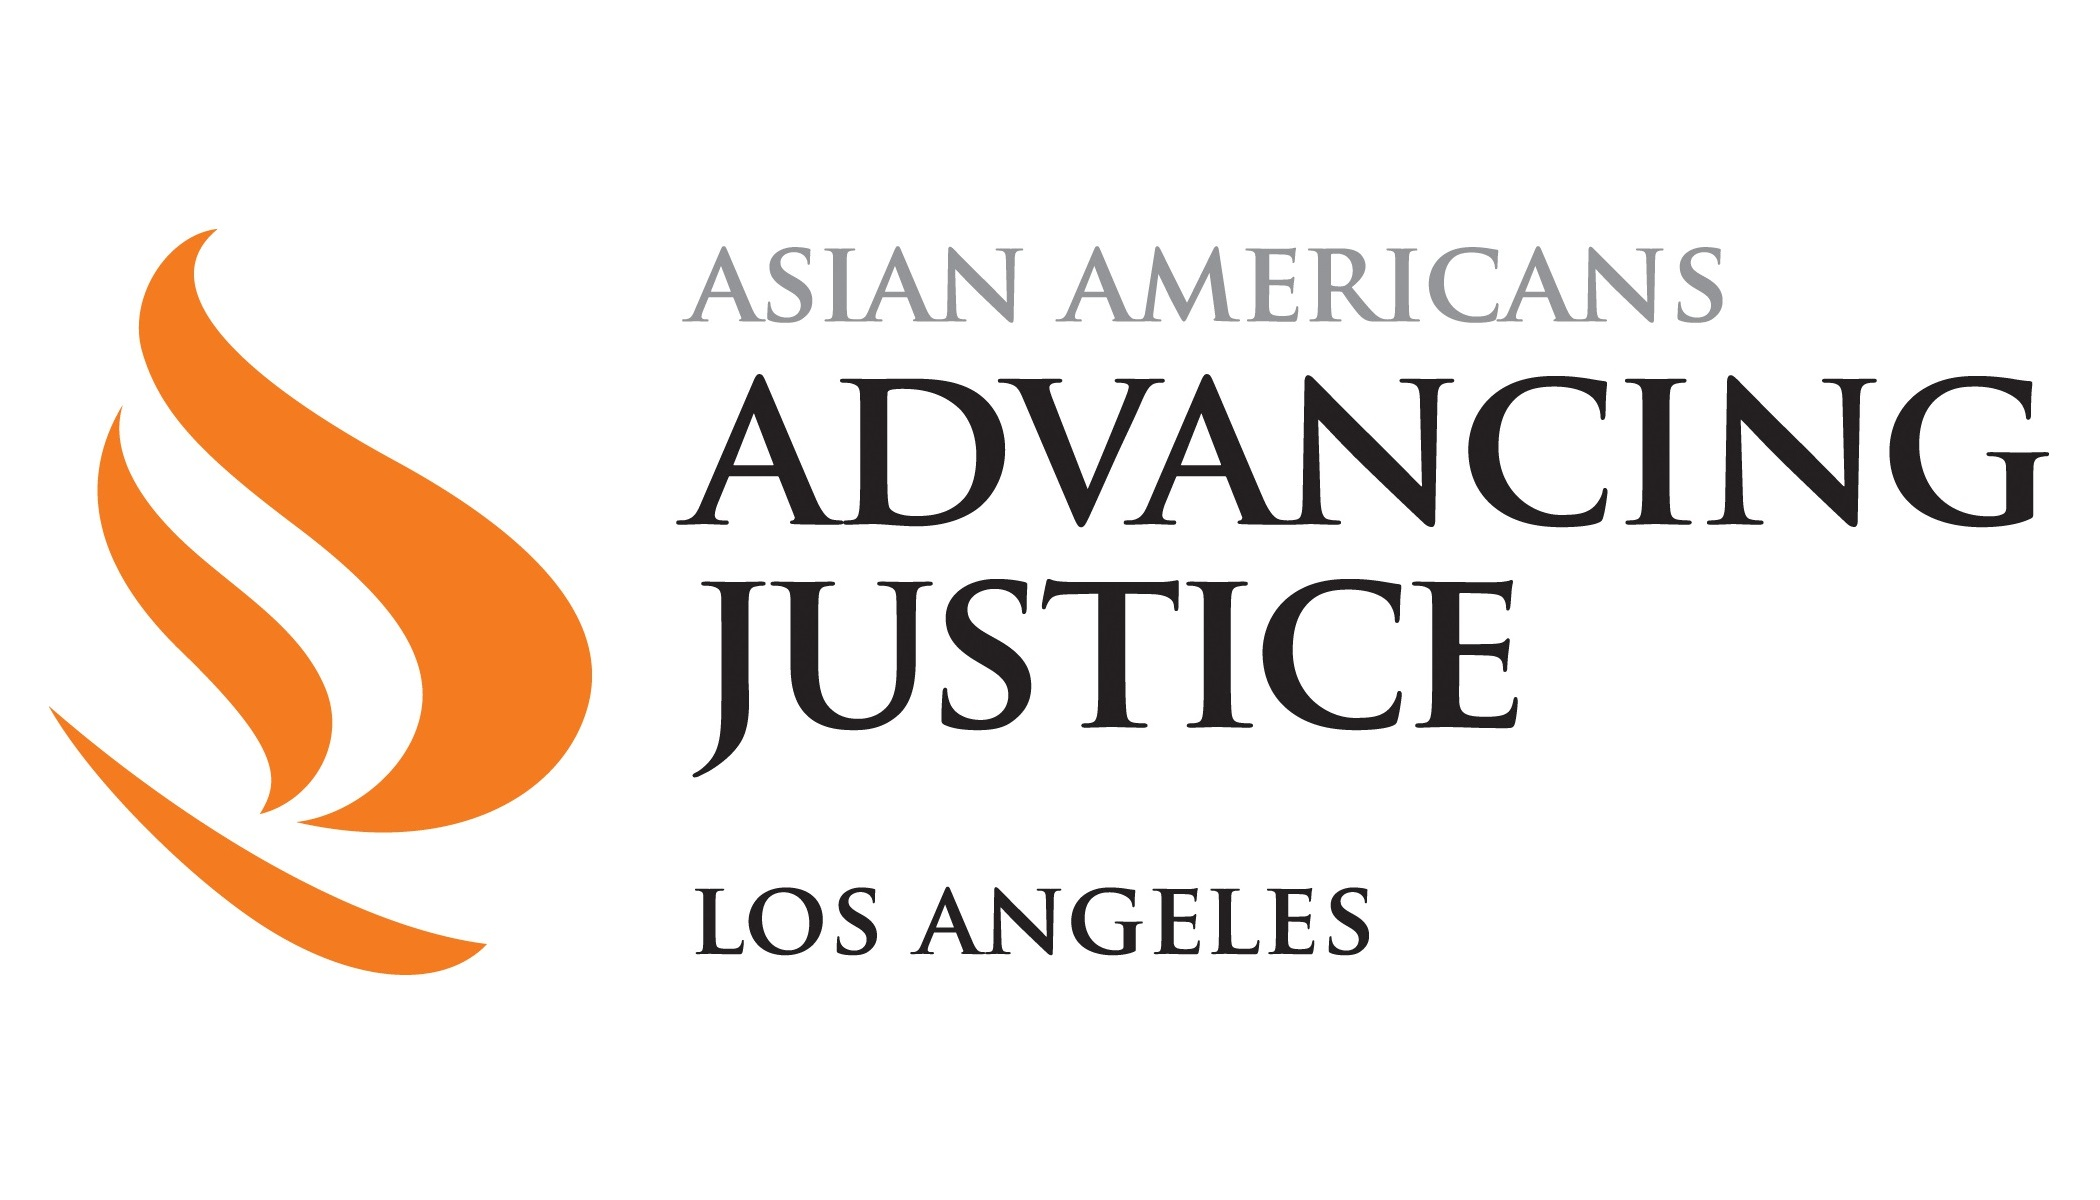 Advancing-Justice-LA-Logo.jpg